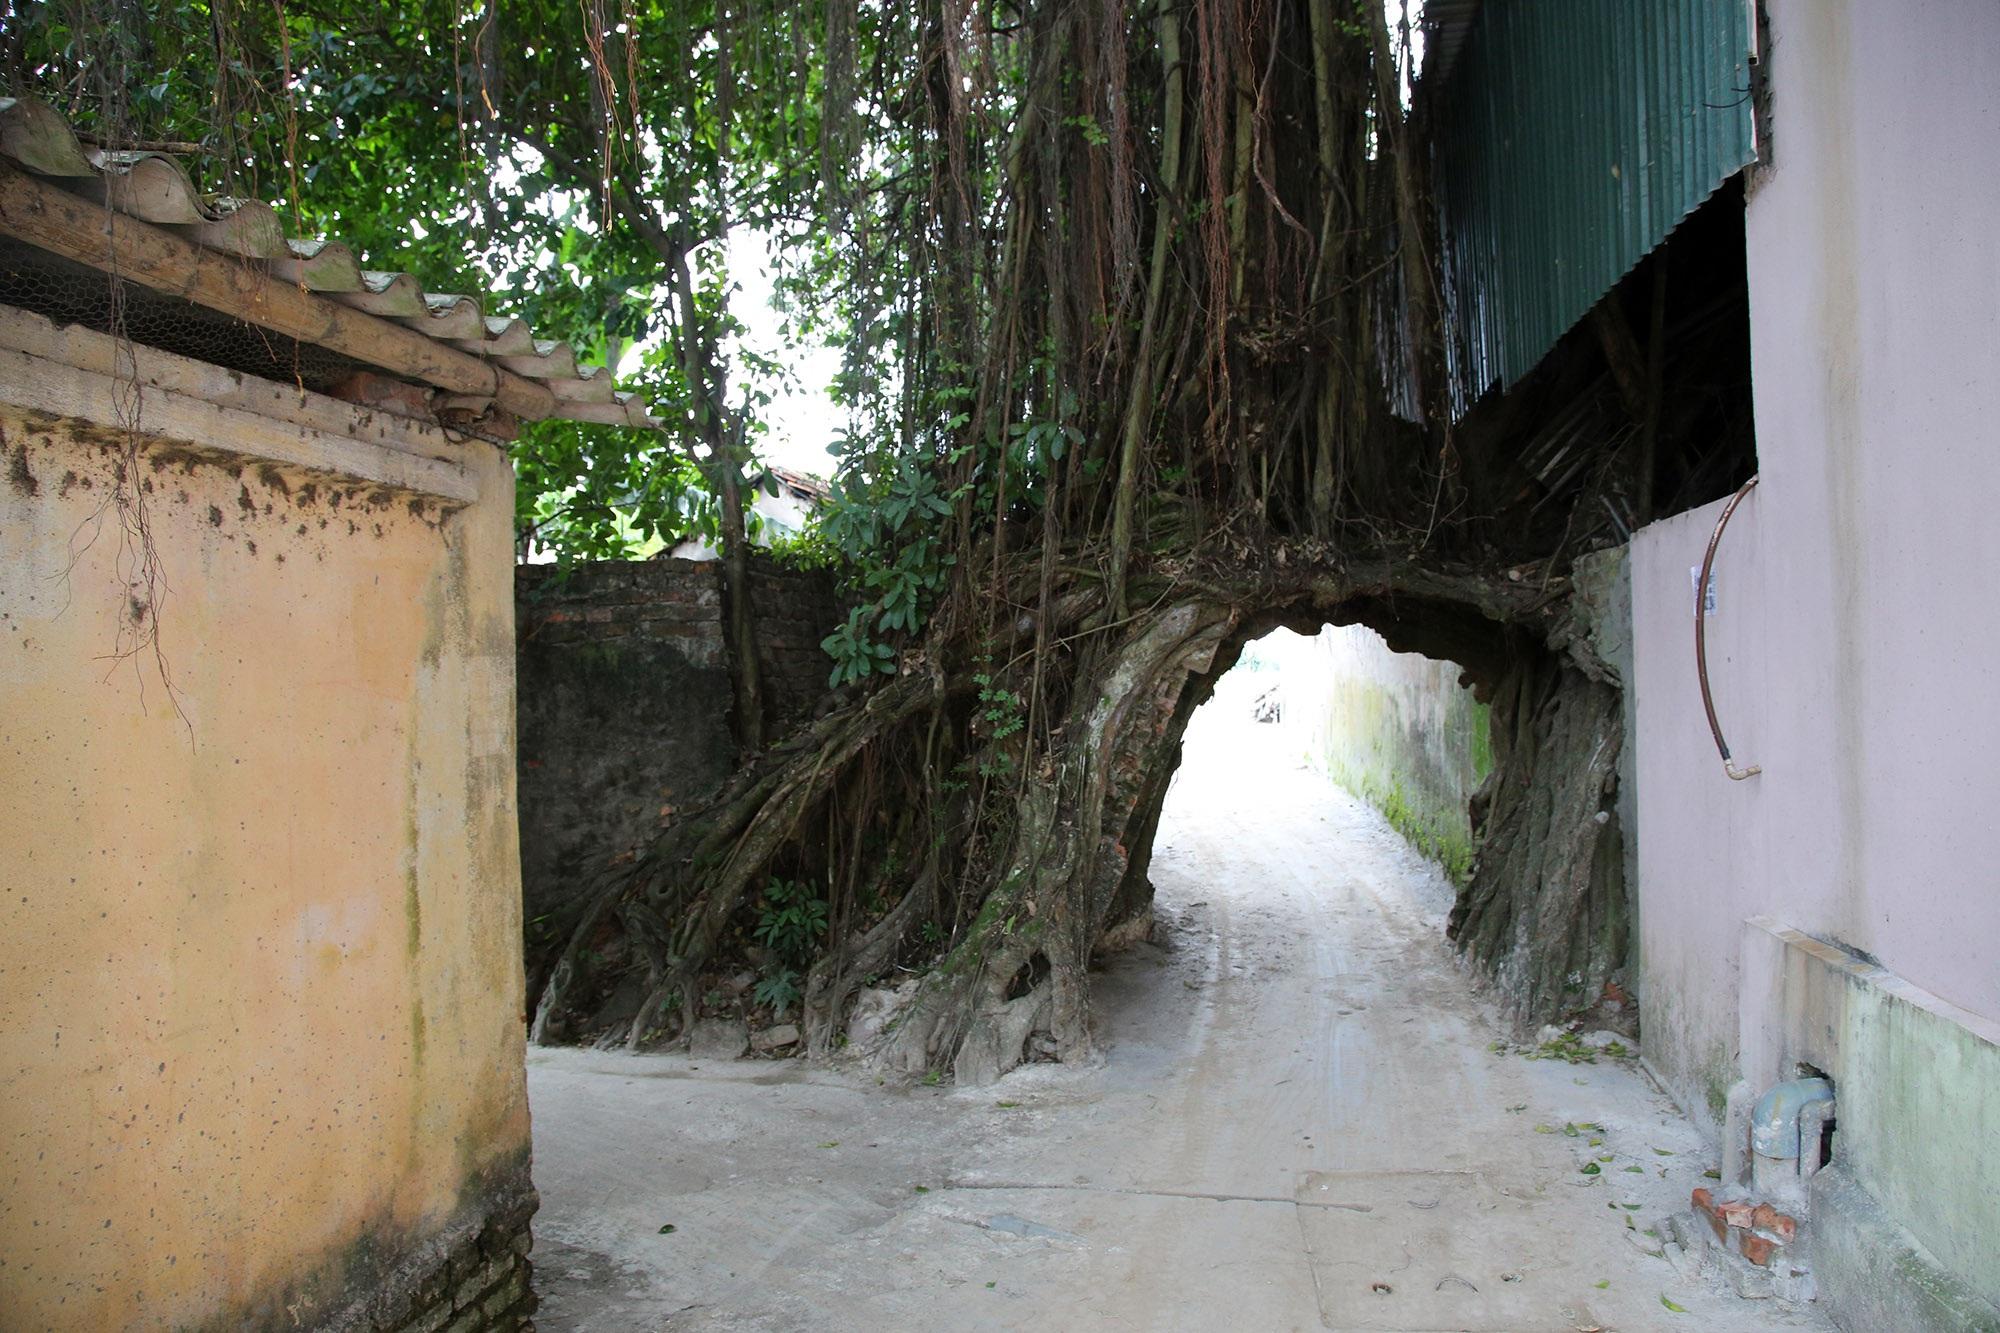 Lạc bước qua những kiệt tác cổng làng từ rễ cây độc đáo tại Bắc bộ - 14